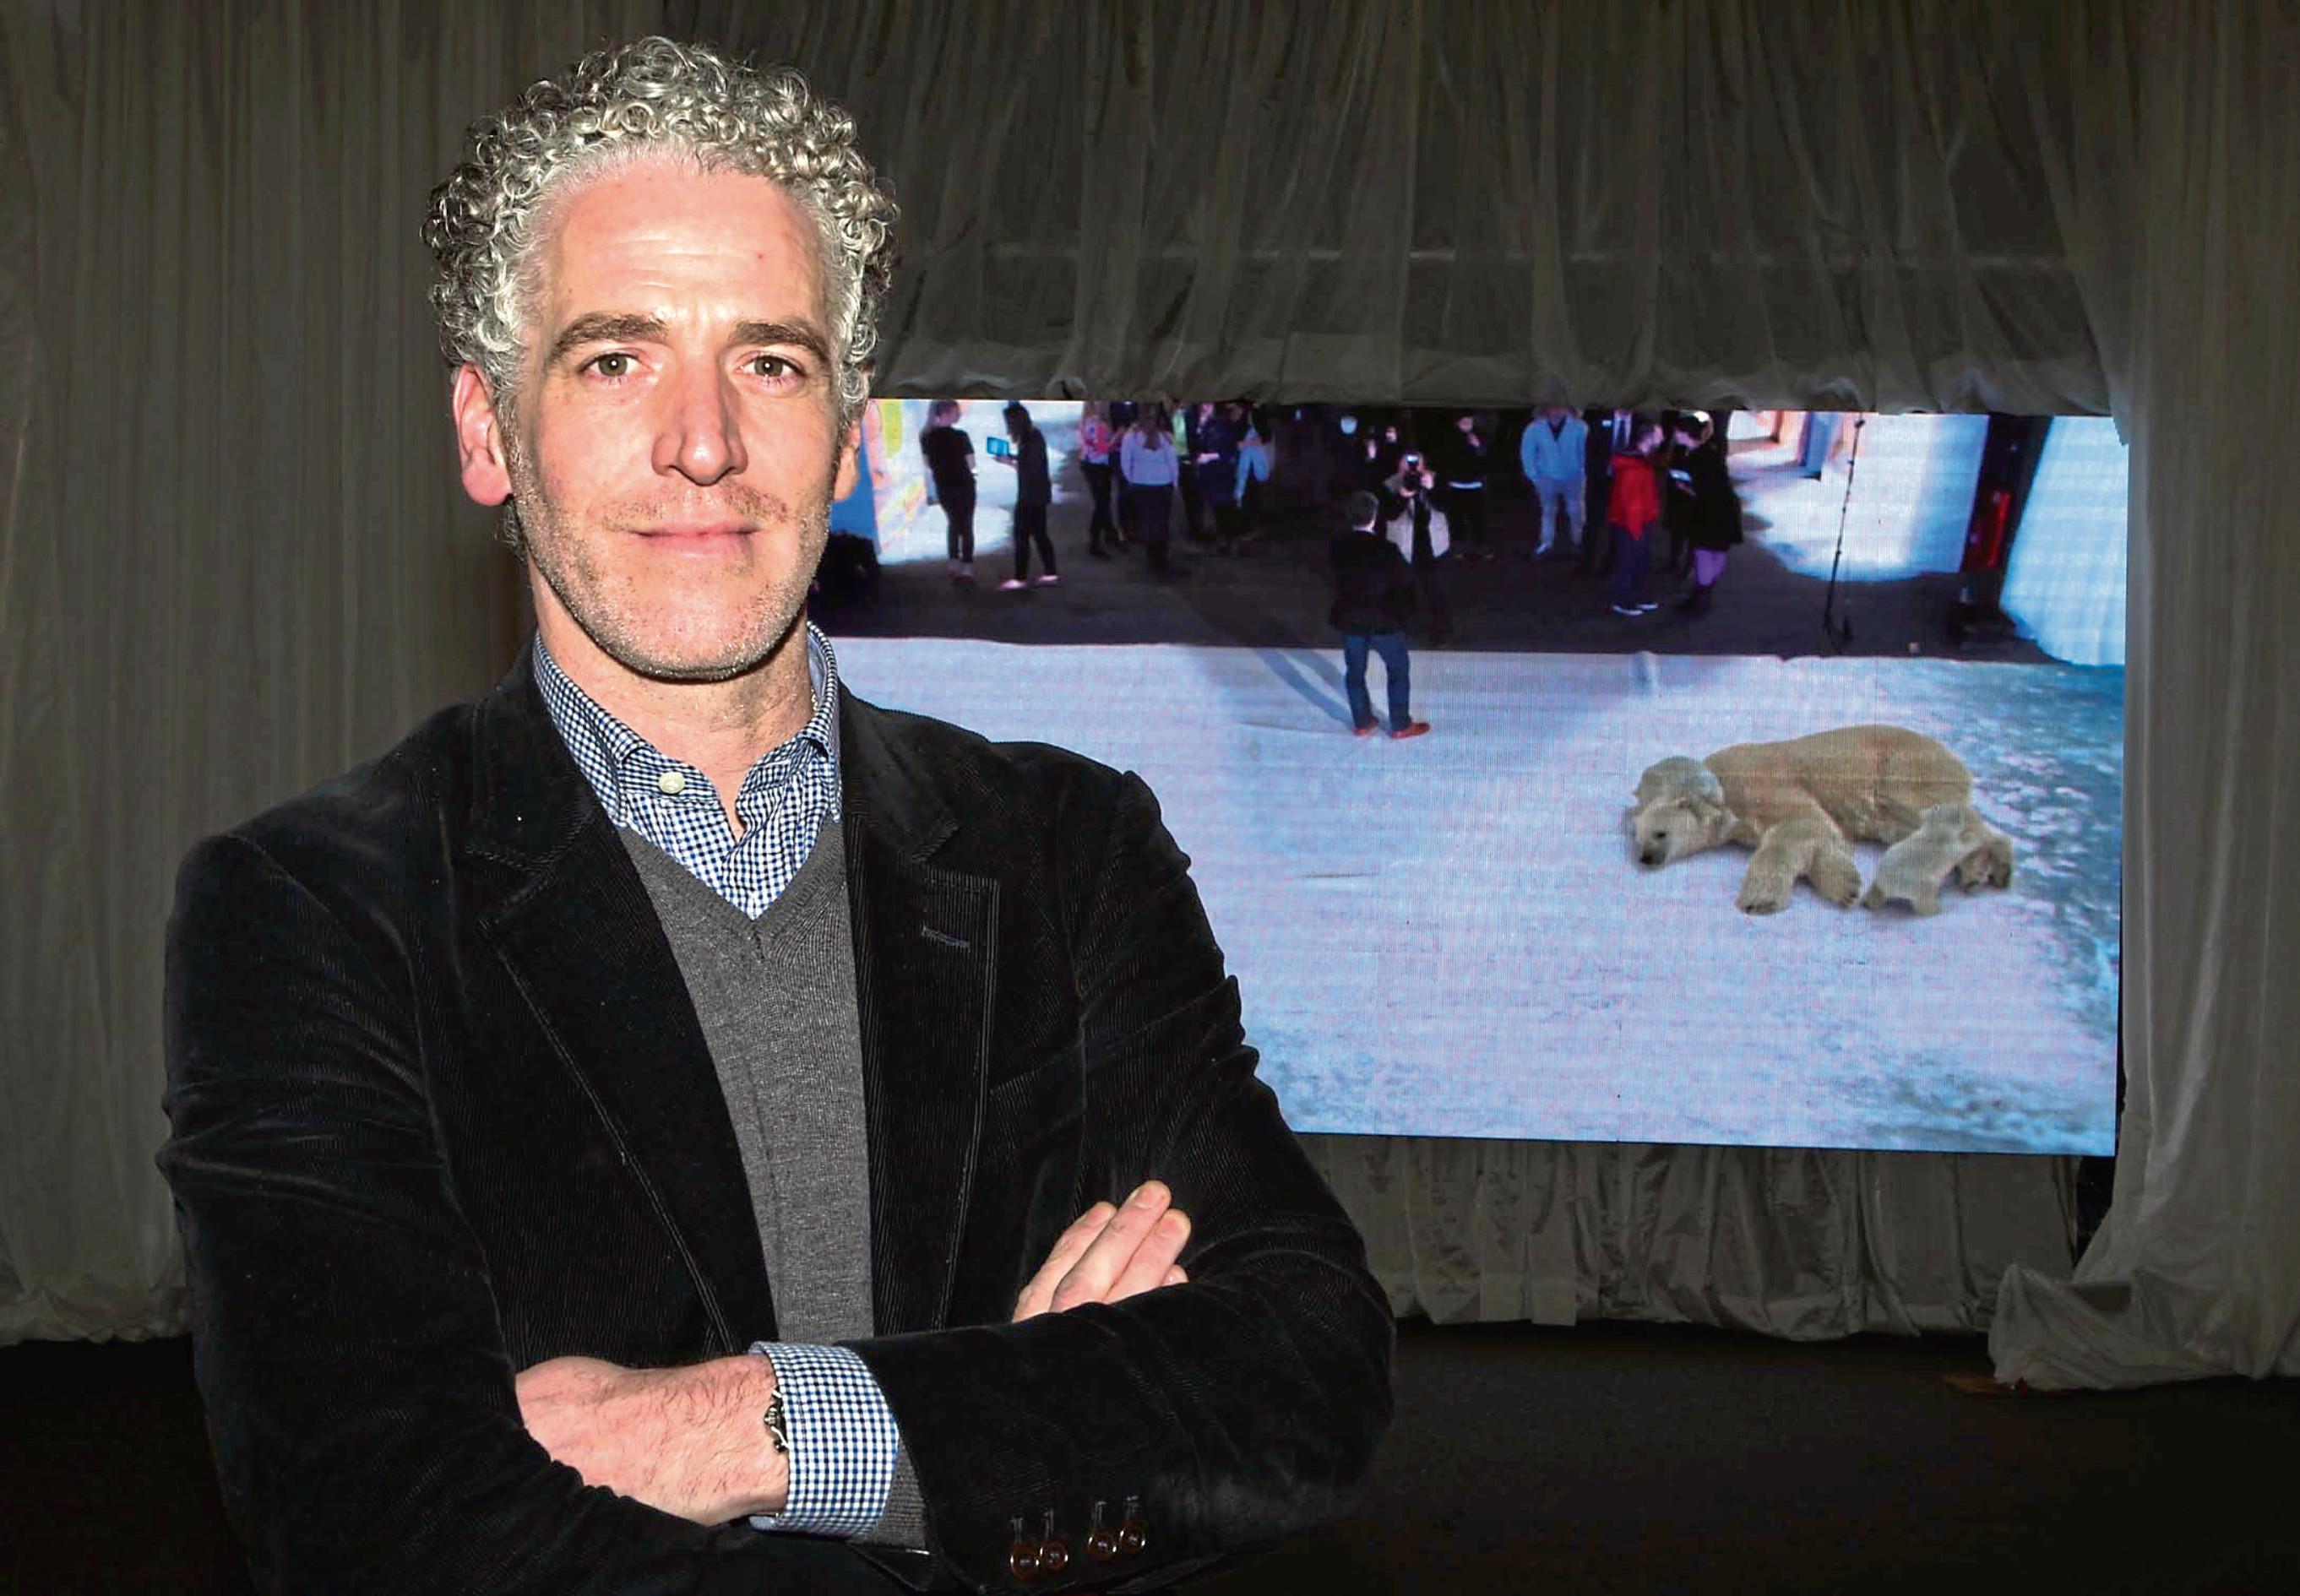 Wildlife cameraman Gordon Buchanan